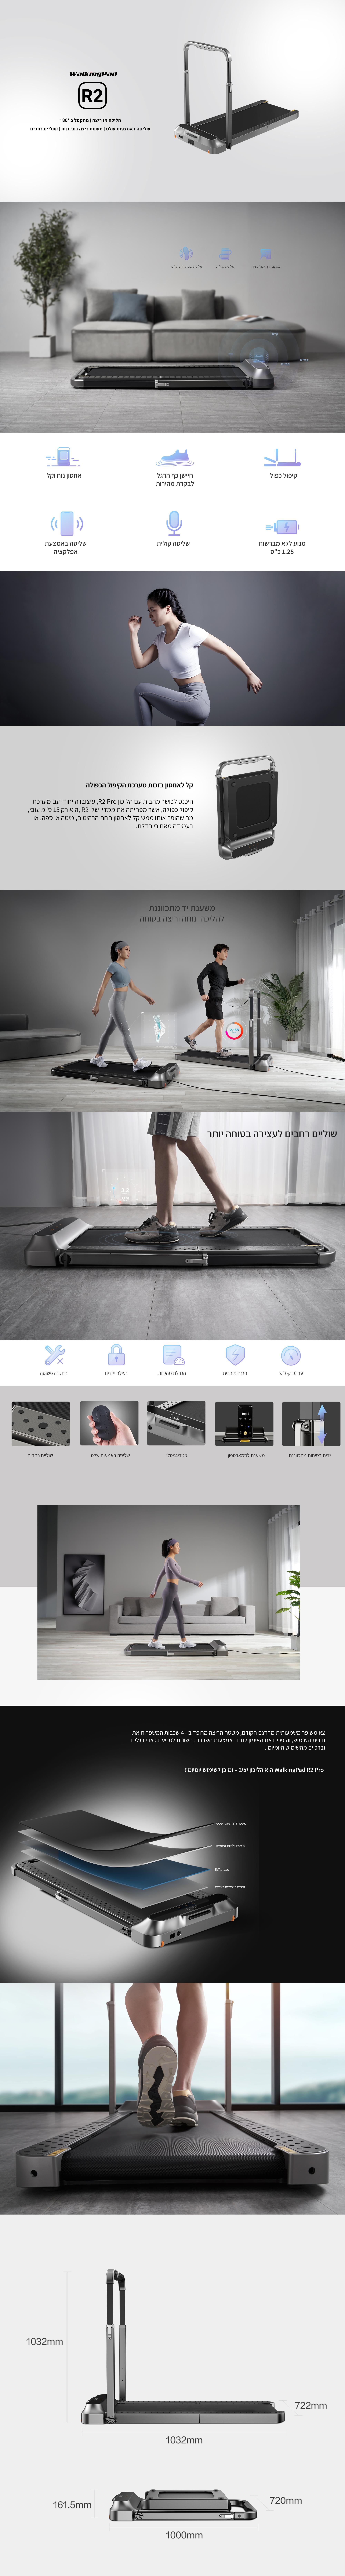 מסלול ריצה Kingsmith WalkingPad R2 אחריות שנתיים יבואן רשמי מבית שיאומי יבוא מקביל | מוצרים לבית של Xiaomi הכי זולים בארץ! 28